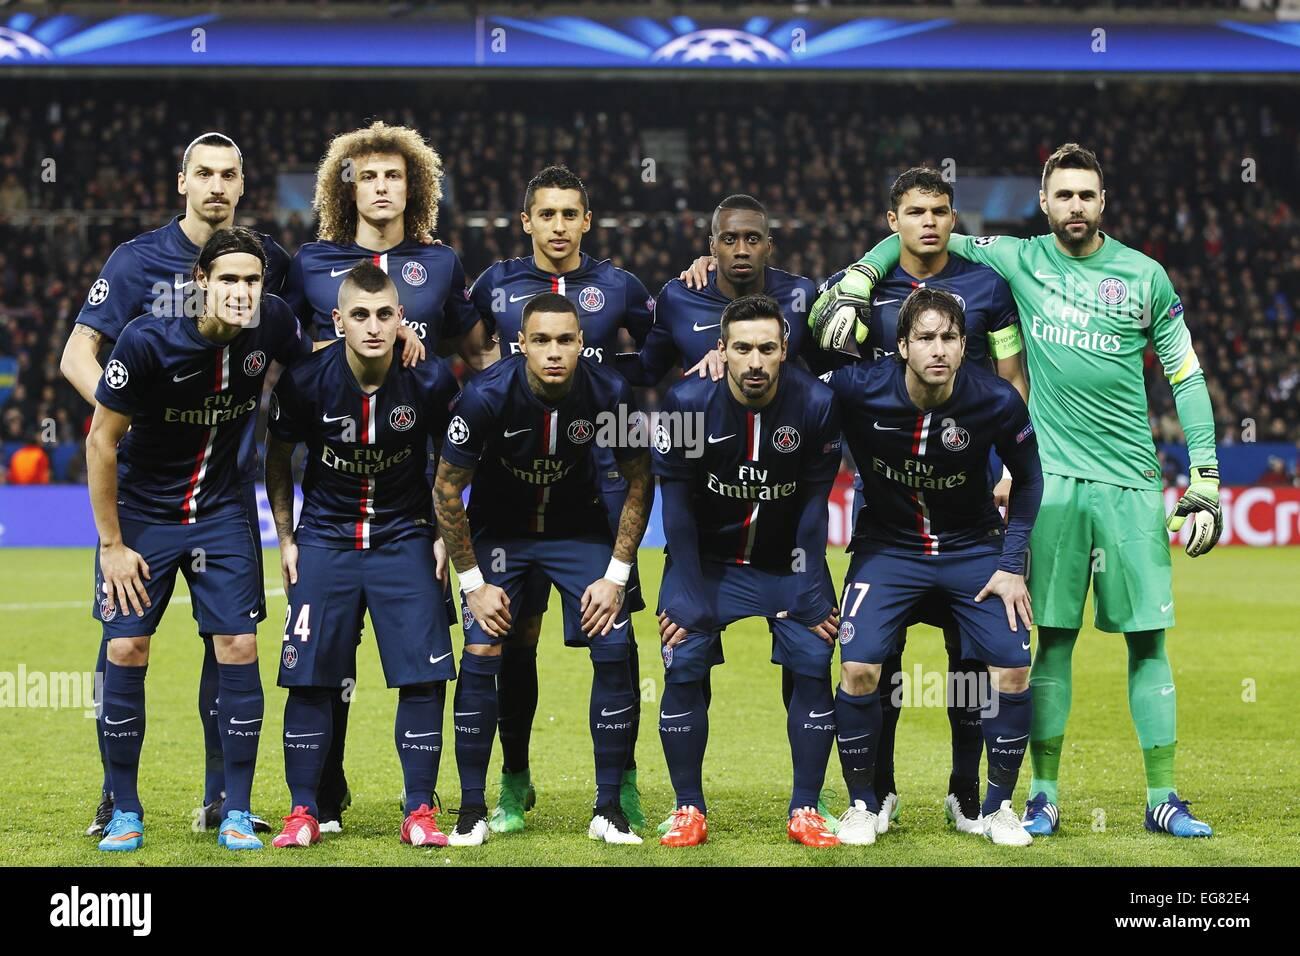 Paris France 17th Feb 2015 Paris Saint Germain Team Group Line Up Stock Photo Alamy